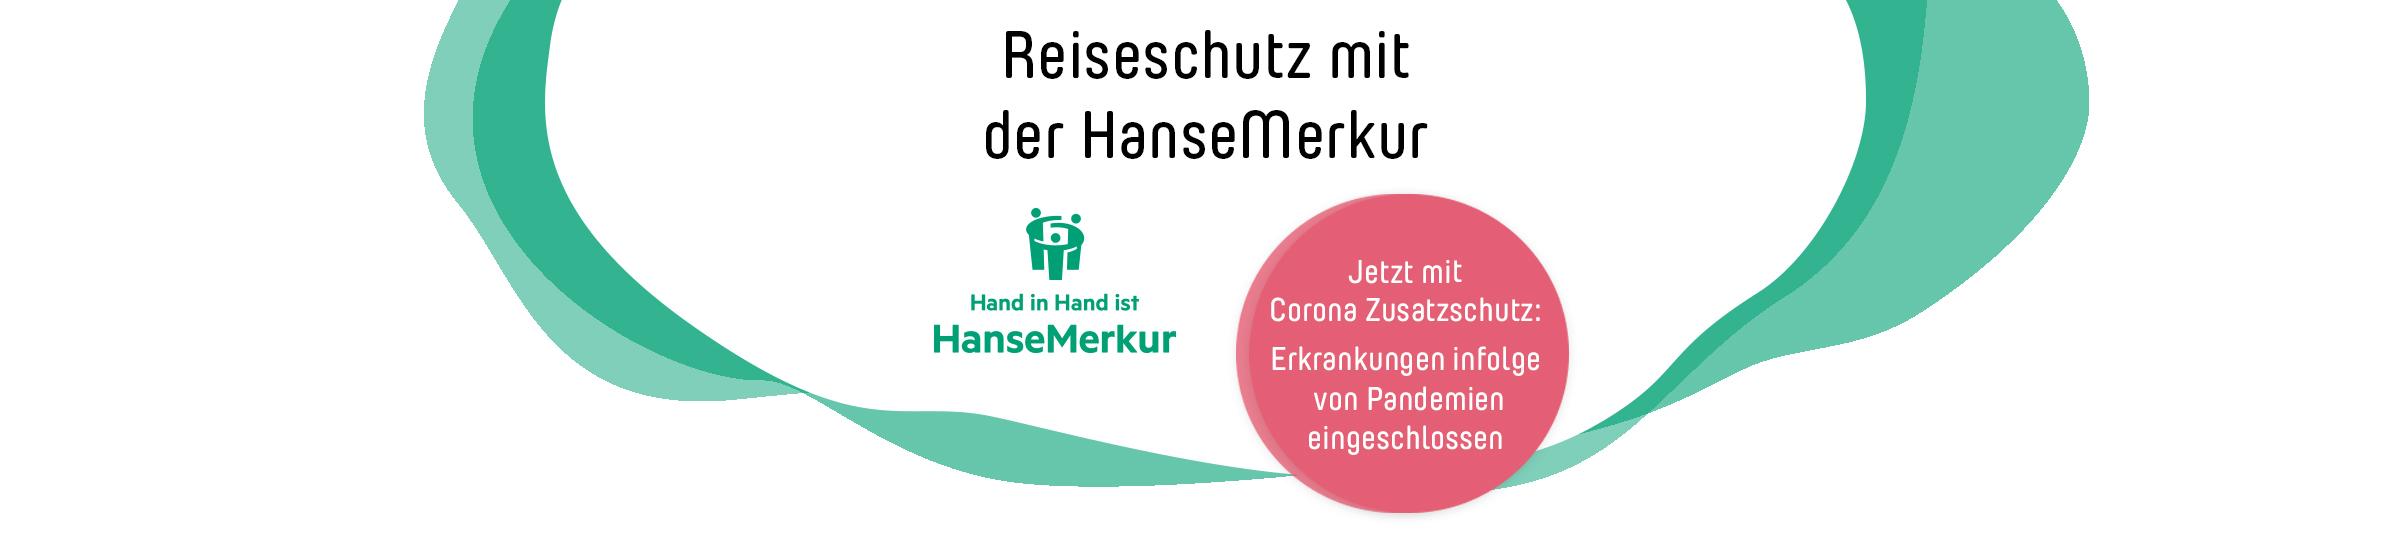 Reiseschutzversicherung für Ferienunterkünfte der HanseMerkur